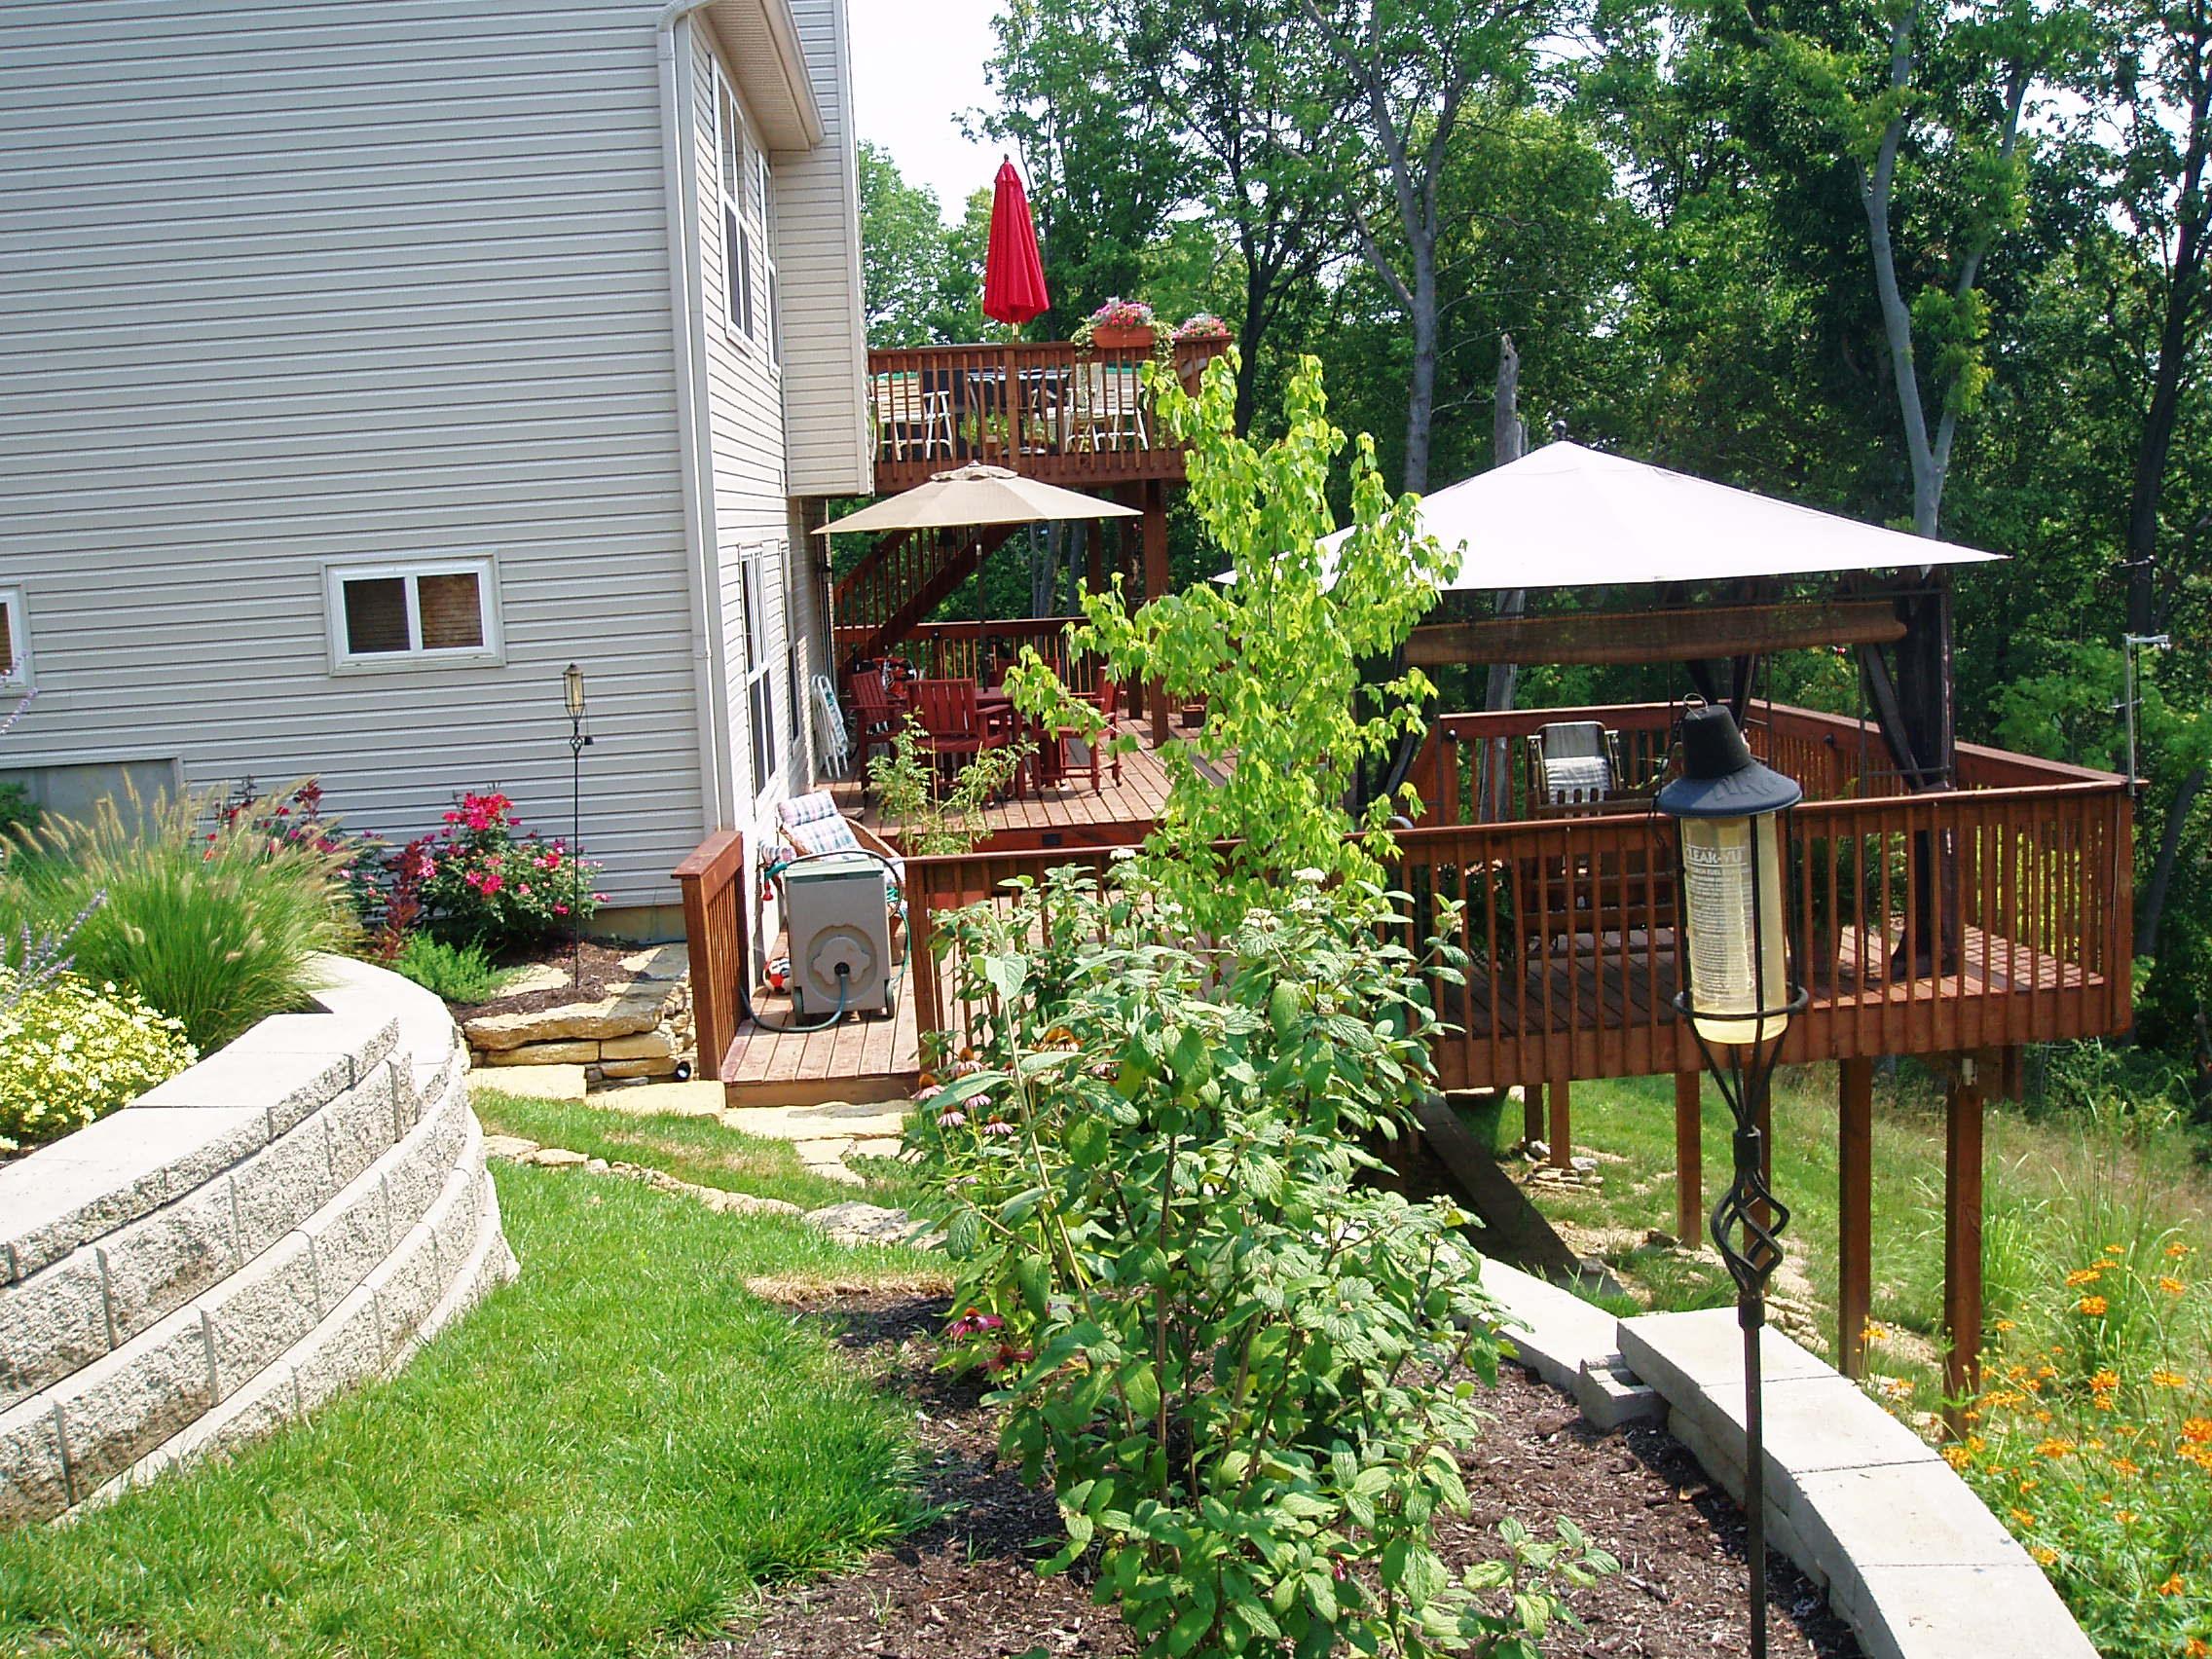 Eagle Creek Landscape Amp Design Llc Cincinnati Oh 45247